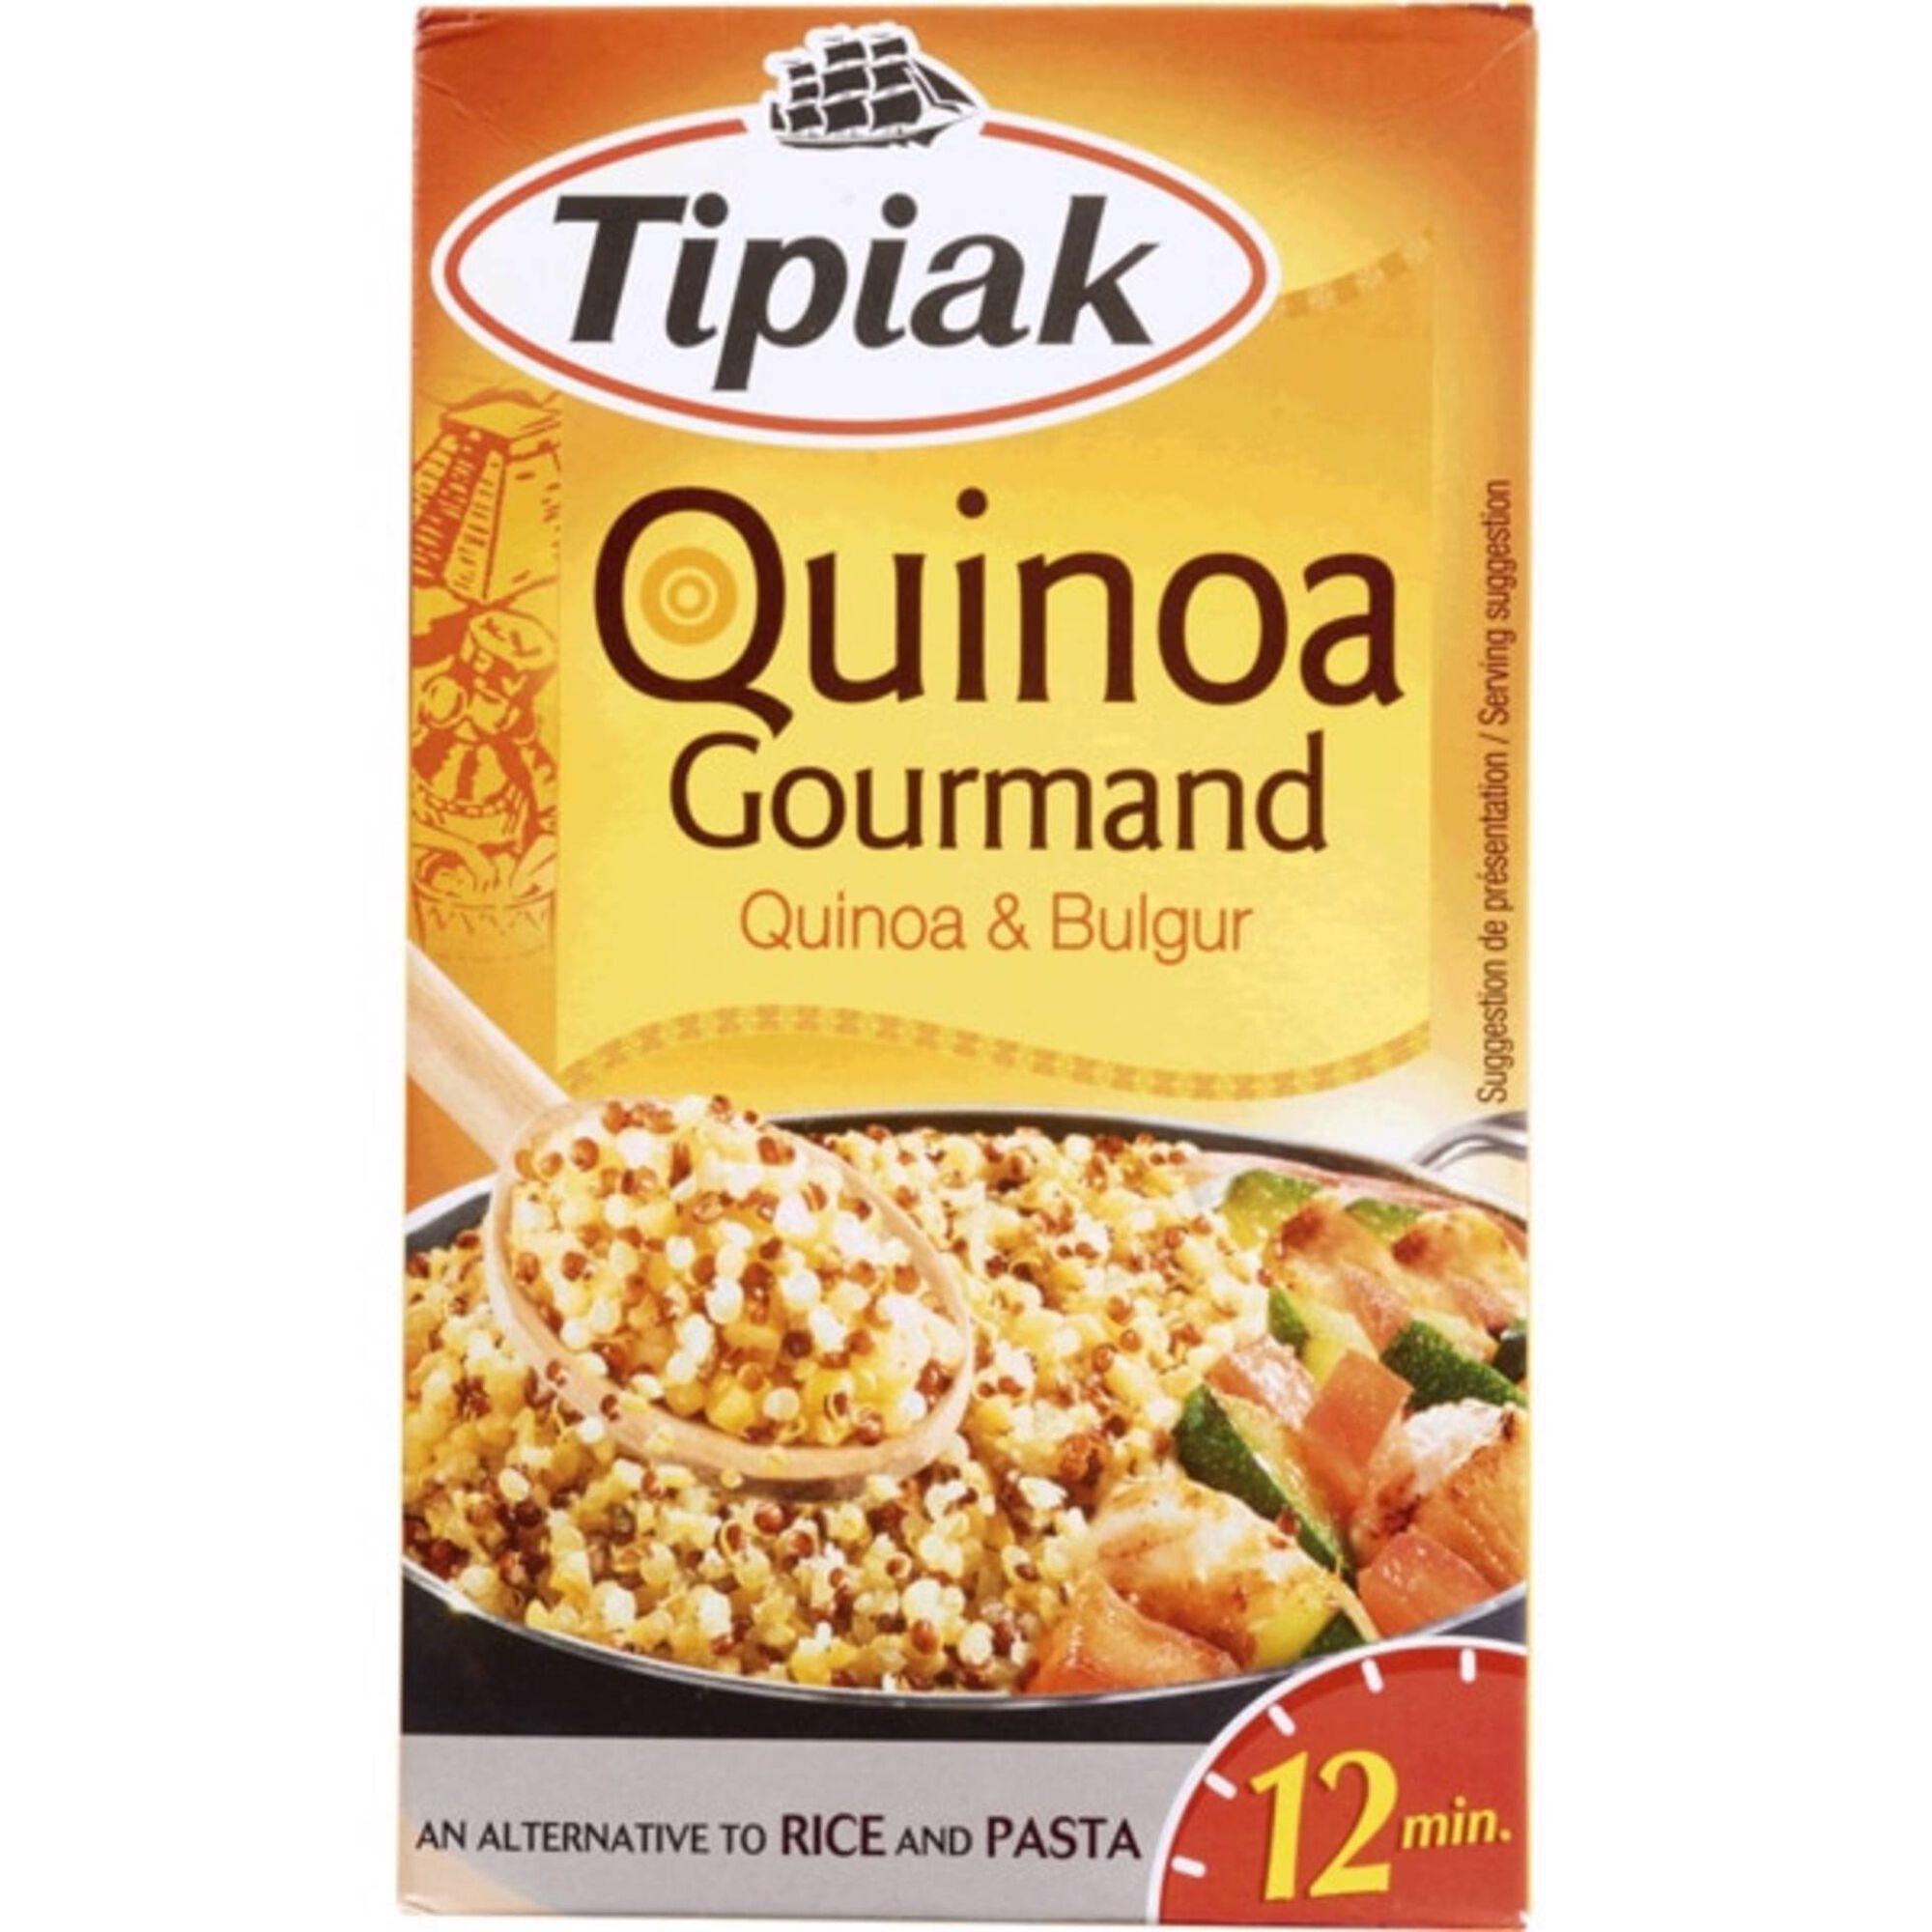 Quinoa Gourmand Quinoa & Bulgur